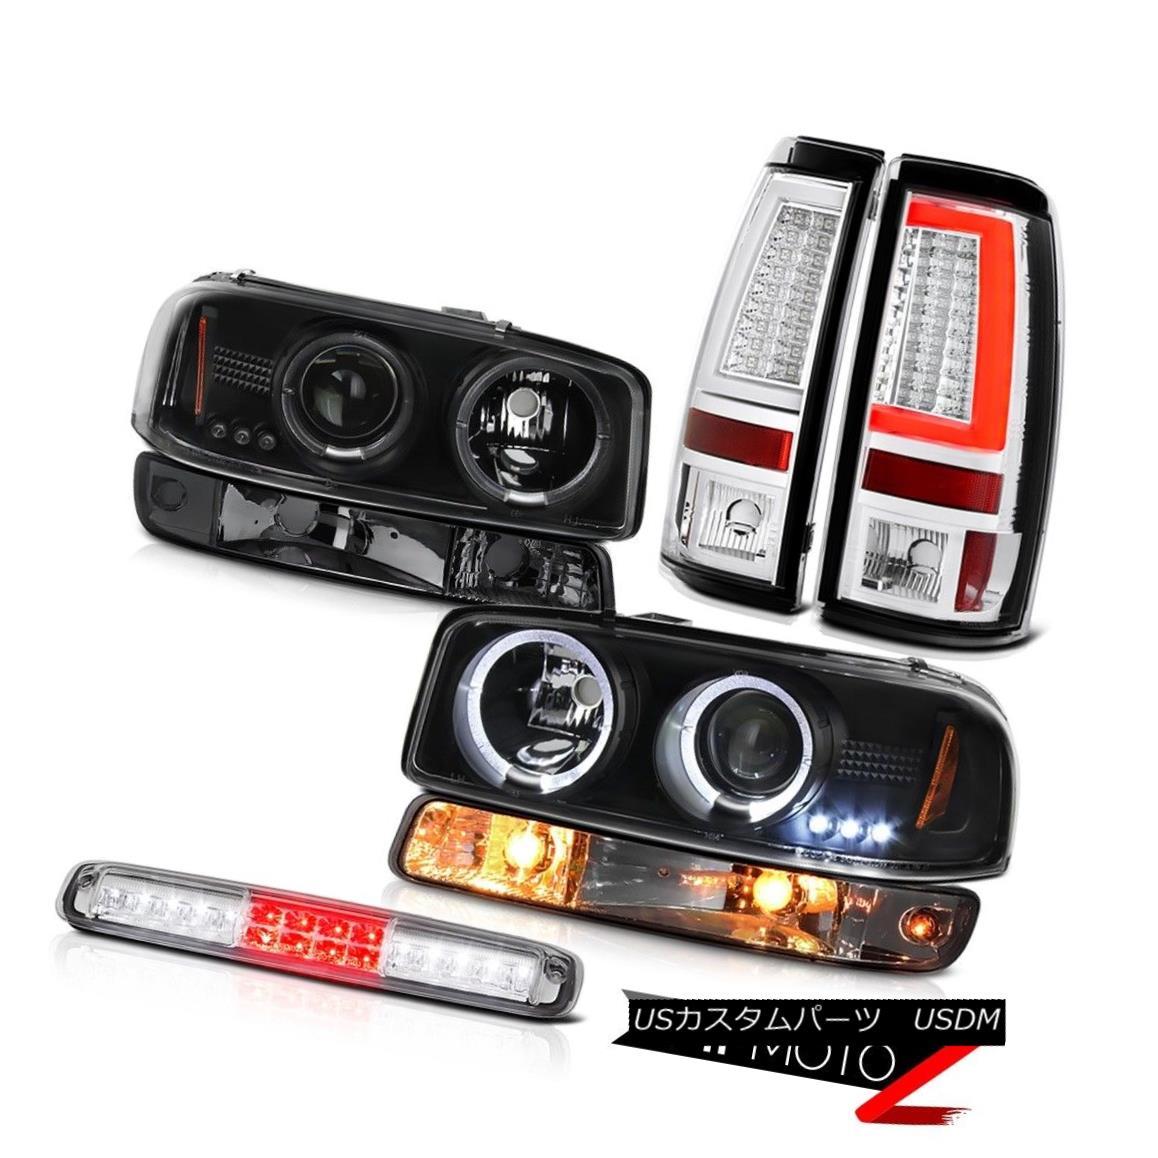 テールライト 99-06 Sierra 1500 Tail Lights Roof Brake Lamp Parking Light Projector Headlights 99-06 Sierra 1500テールライトルーフブレーキランプパーキングライトプロジェクターヘッドライト